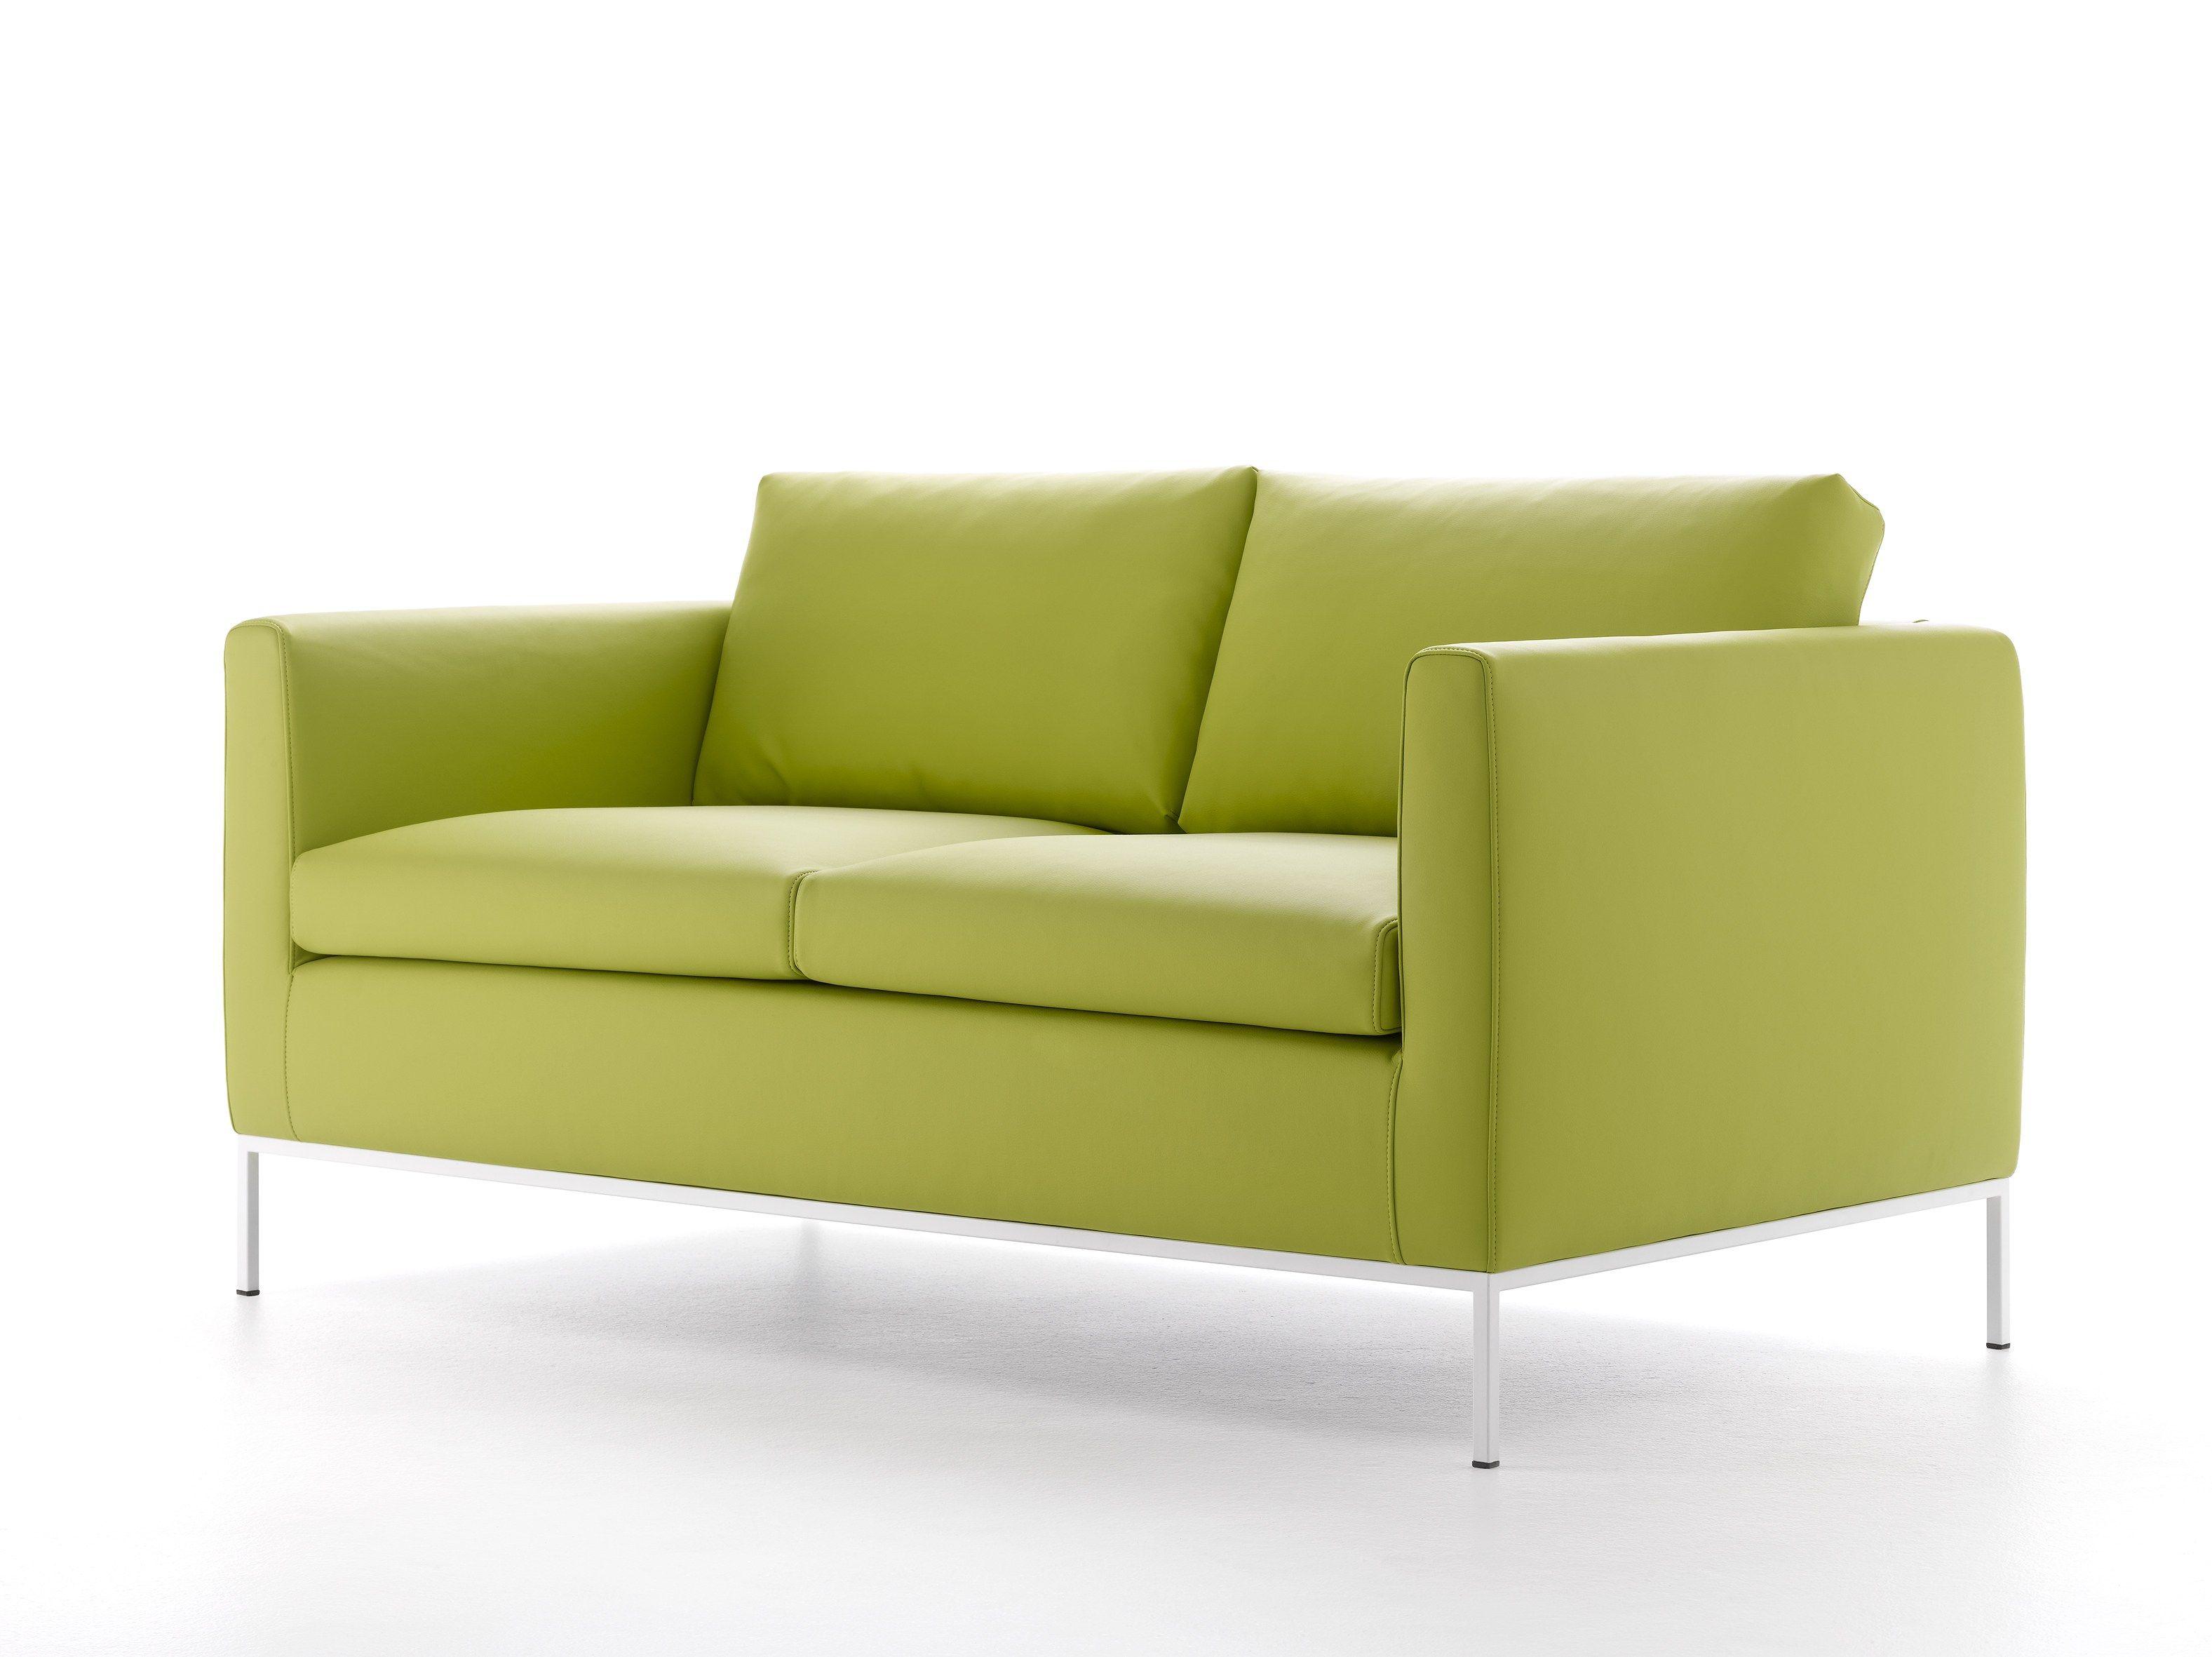 Divano Poltrona Scoop Imbottito Tessuto : Pad divano collezione by mdf italia design